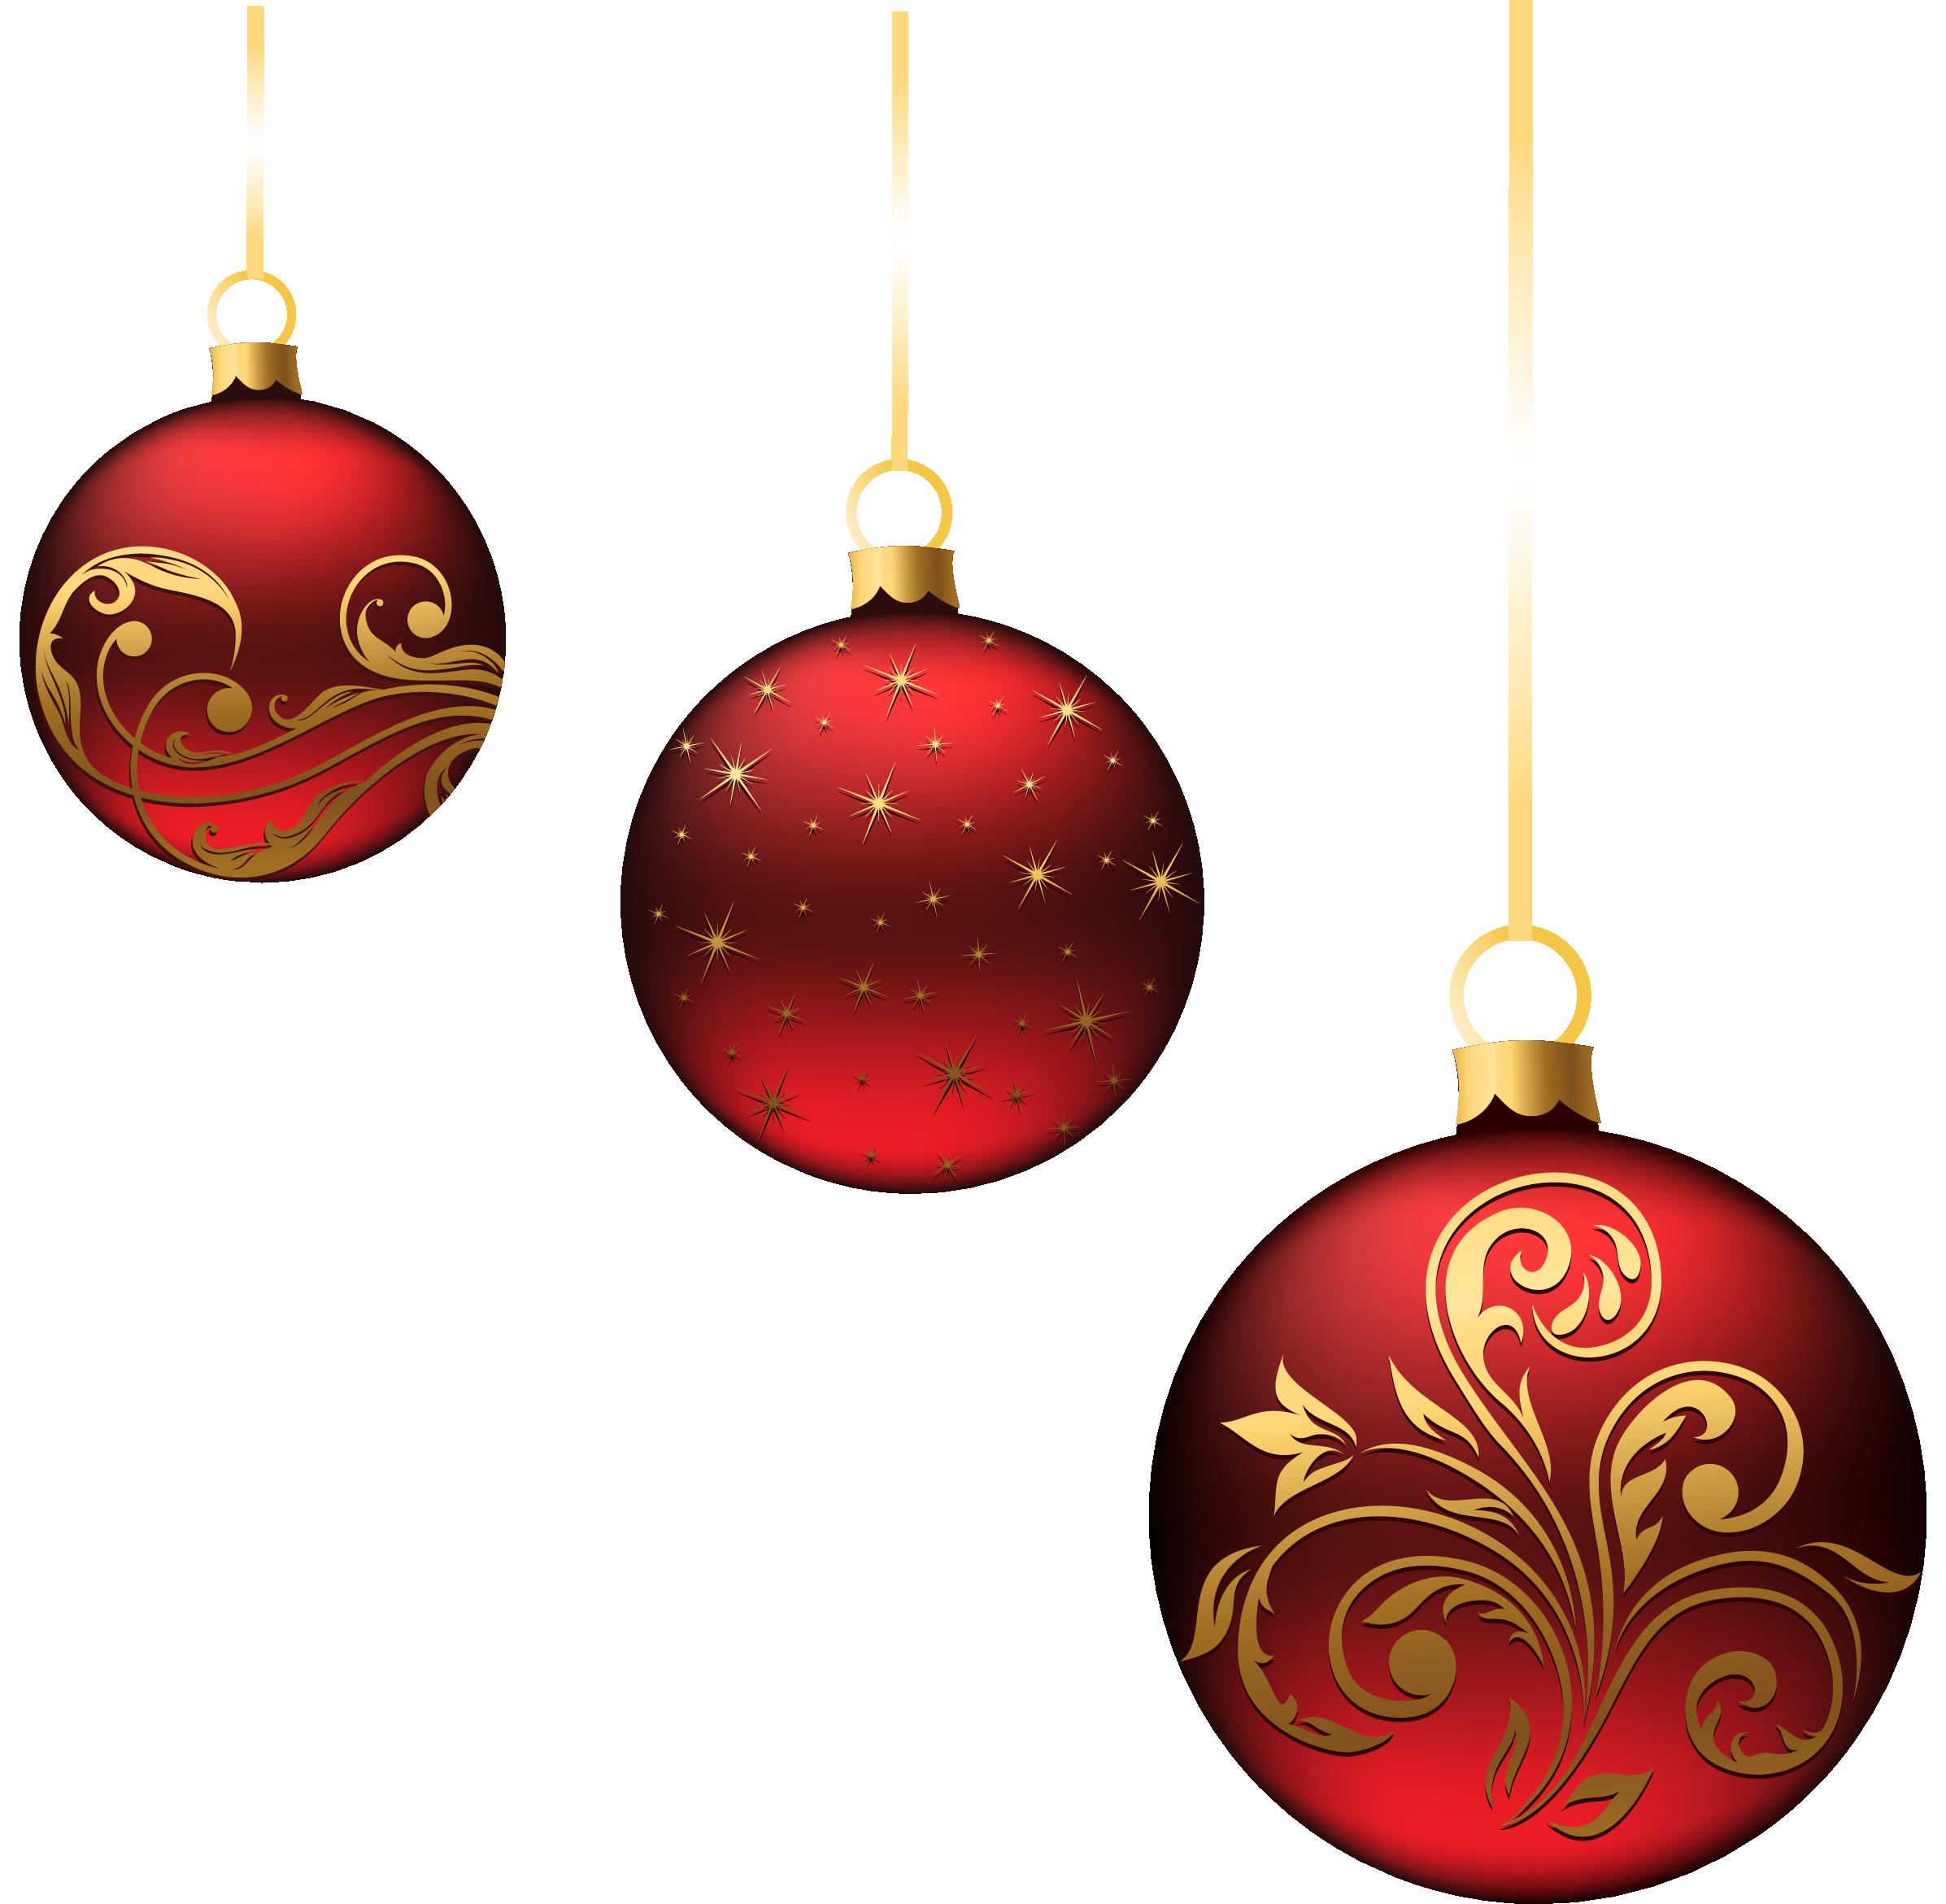 Christmas Red Balls Ornaments PNG Picture | Projekty na vyzkoušení ...